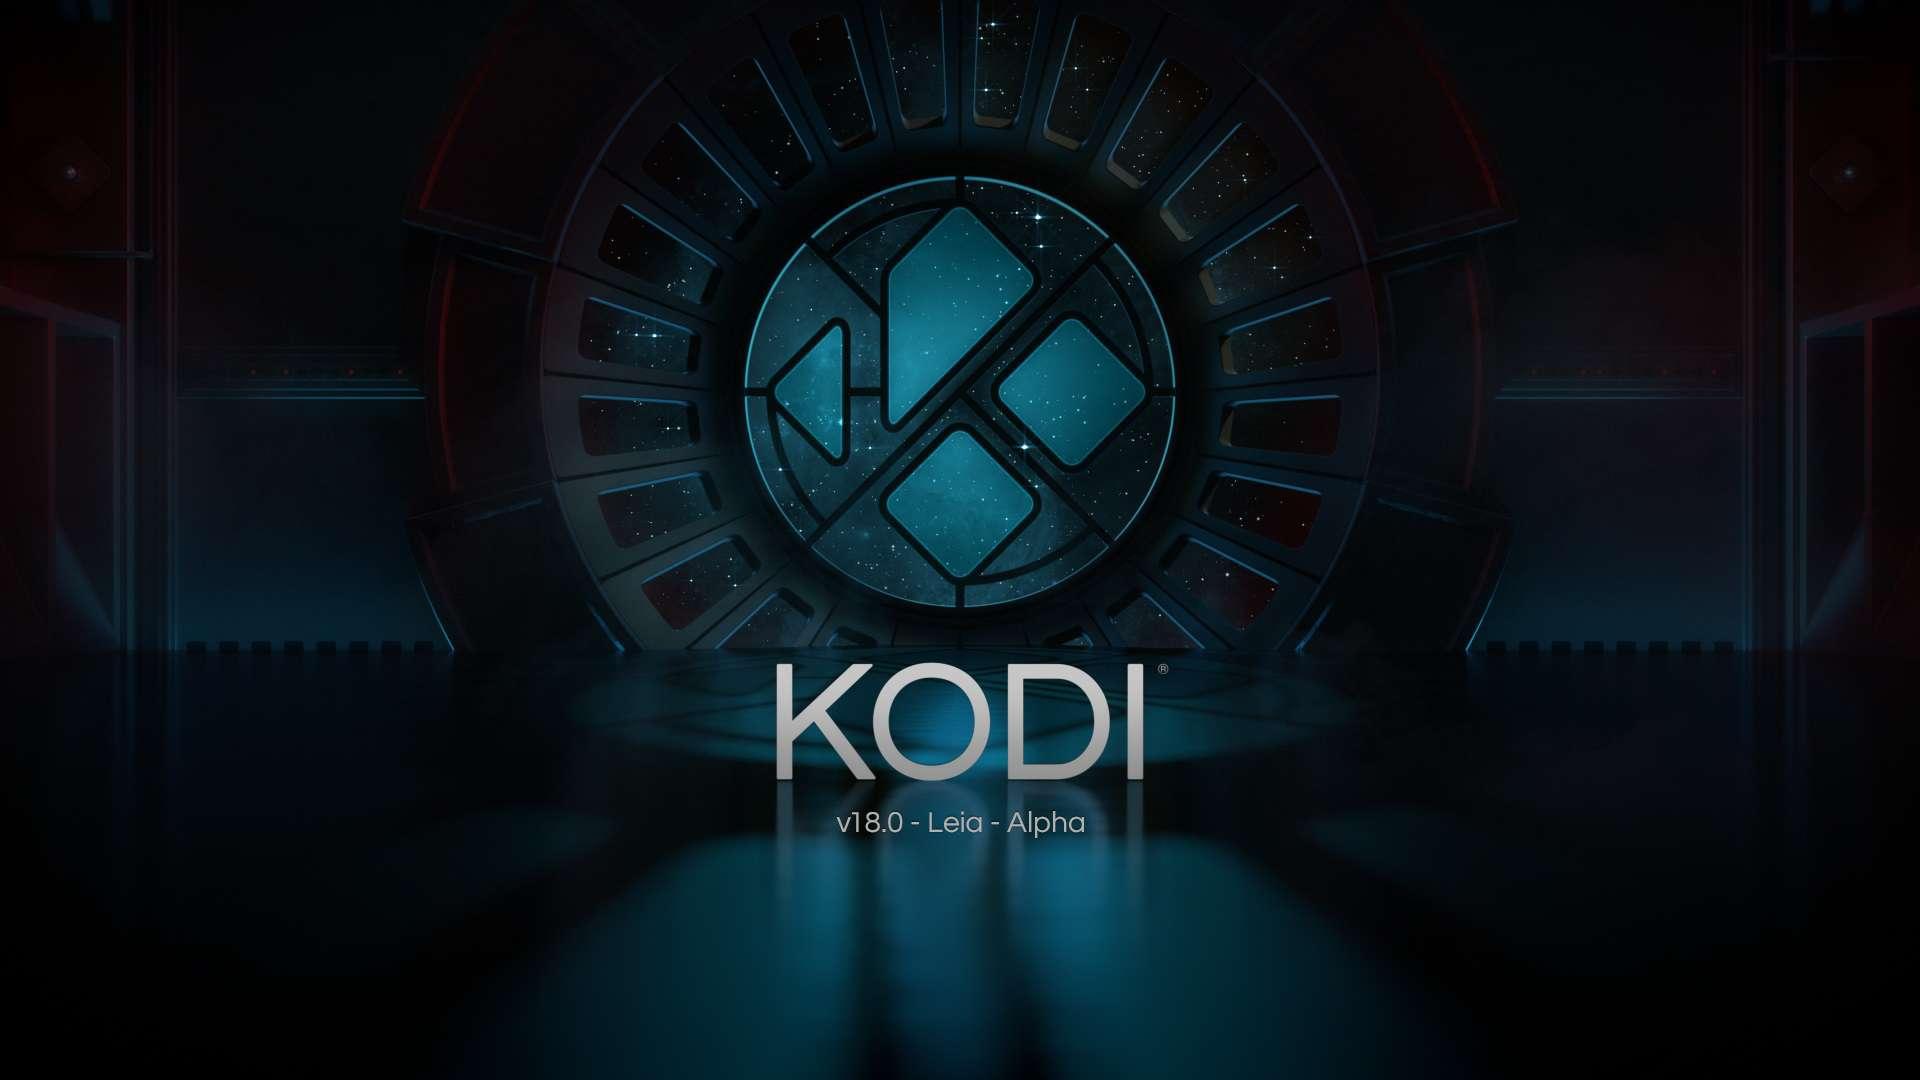 How to Watch Netflix on Kodi 18 & Install the Netflix Kodi Addon